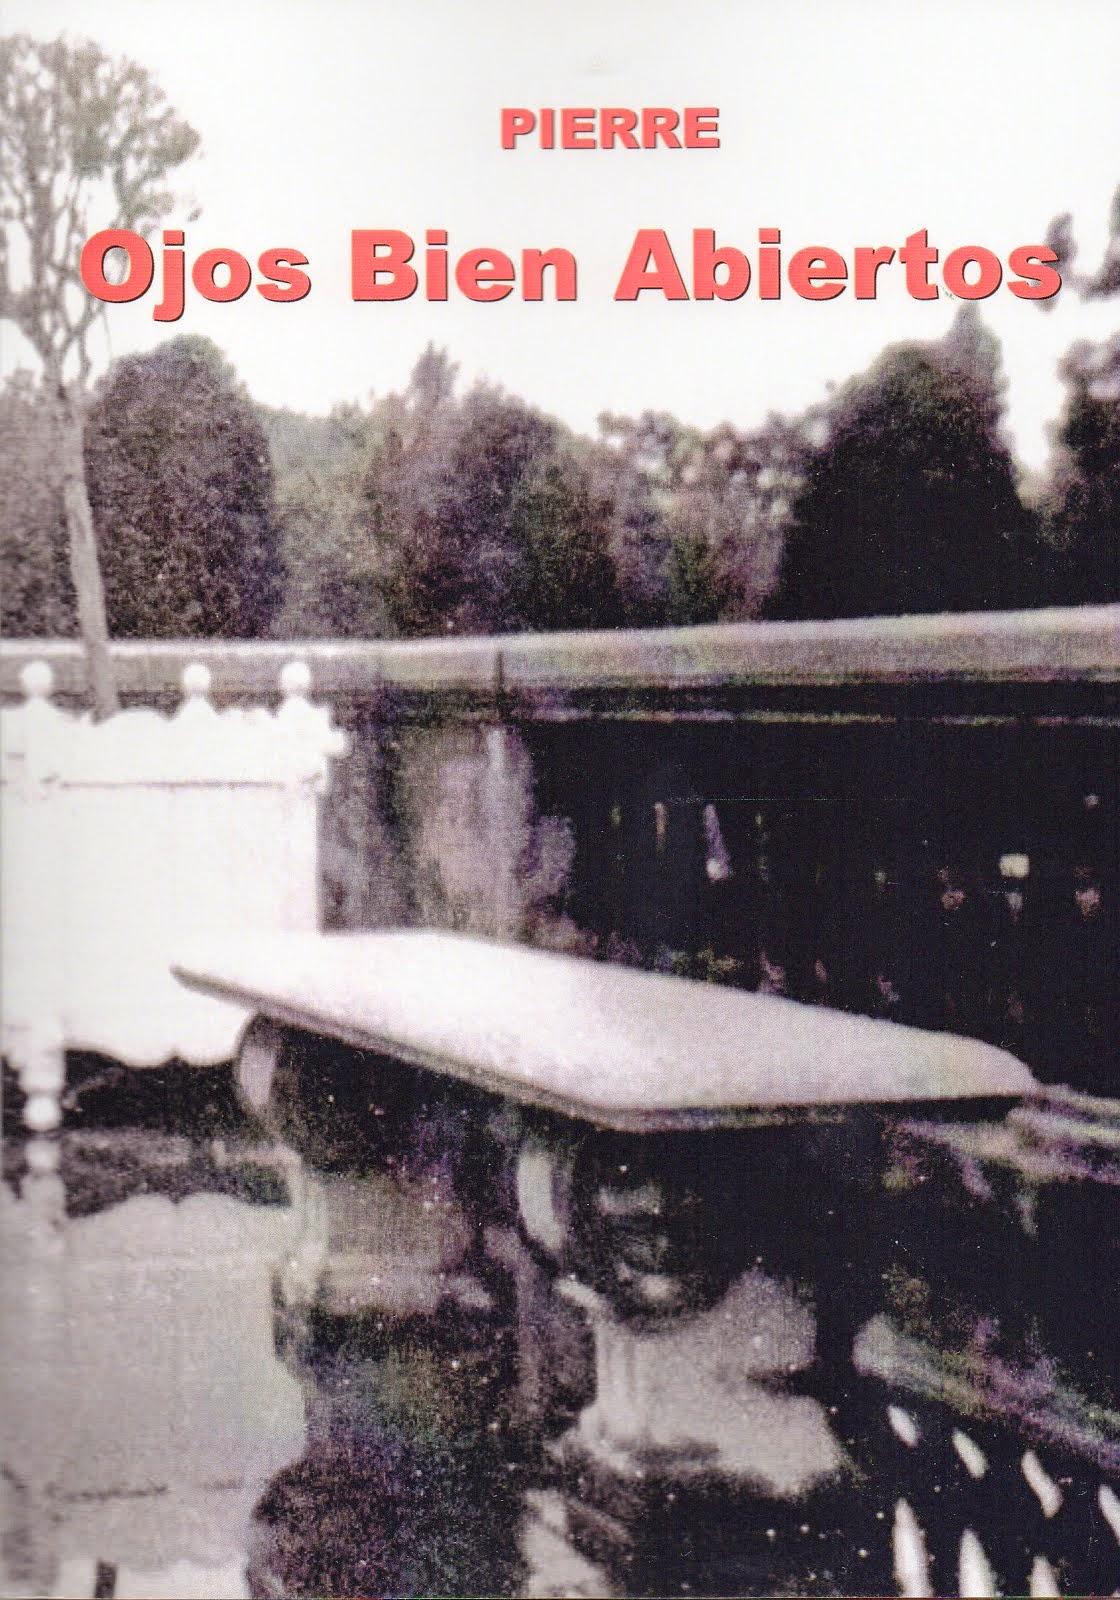 CARLOS PIERRE Y SU ÚLTIMO LIBRO CON ILUSTRACIONES DE RAÚL FARACE